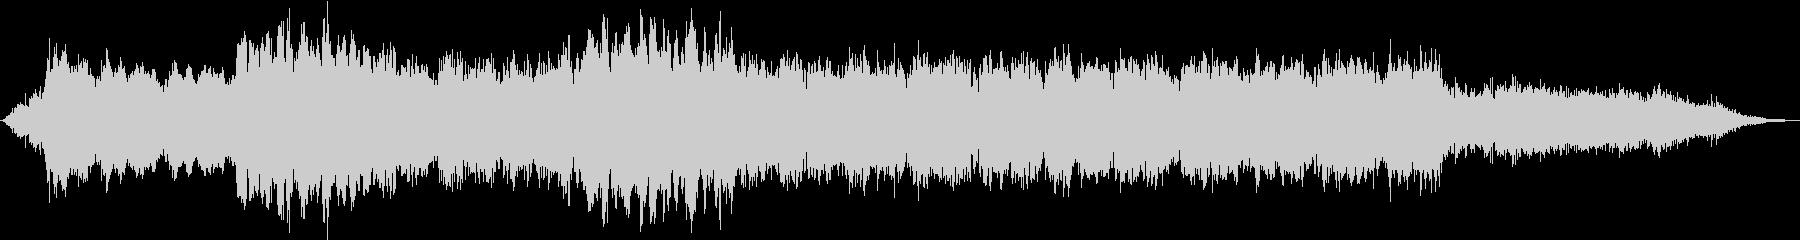 ドローン ダークグリッチ01の未再生の波形